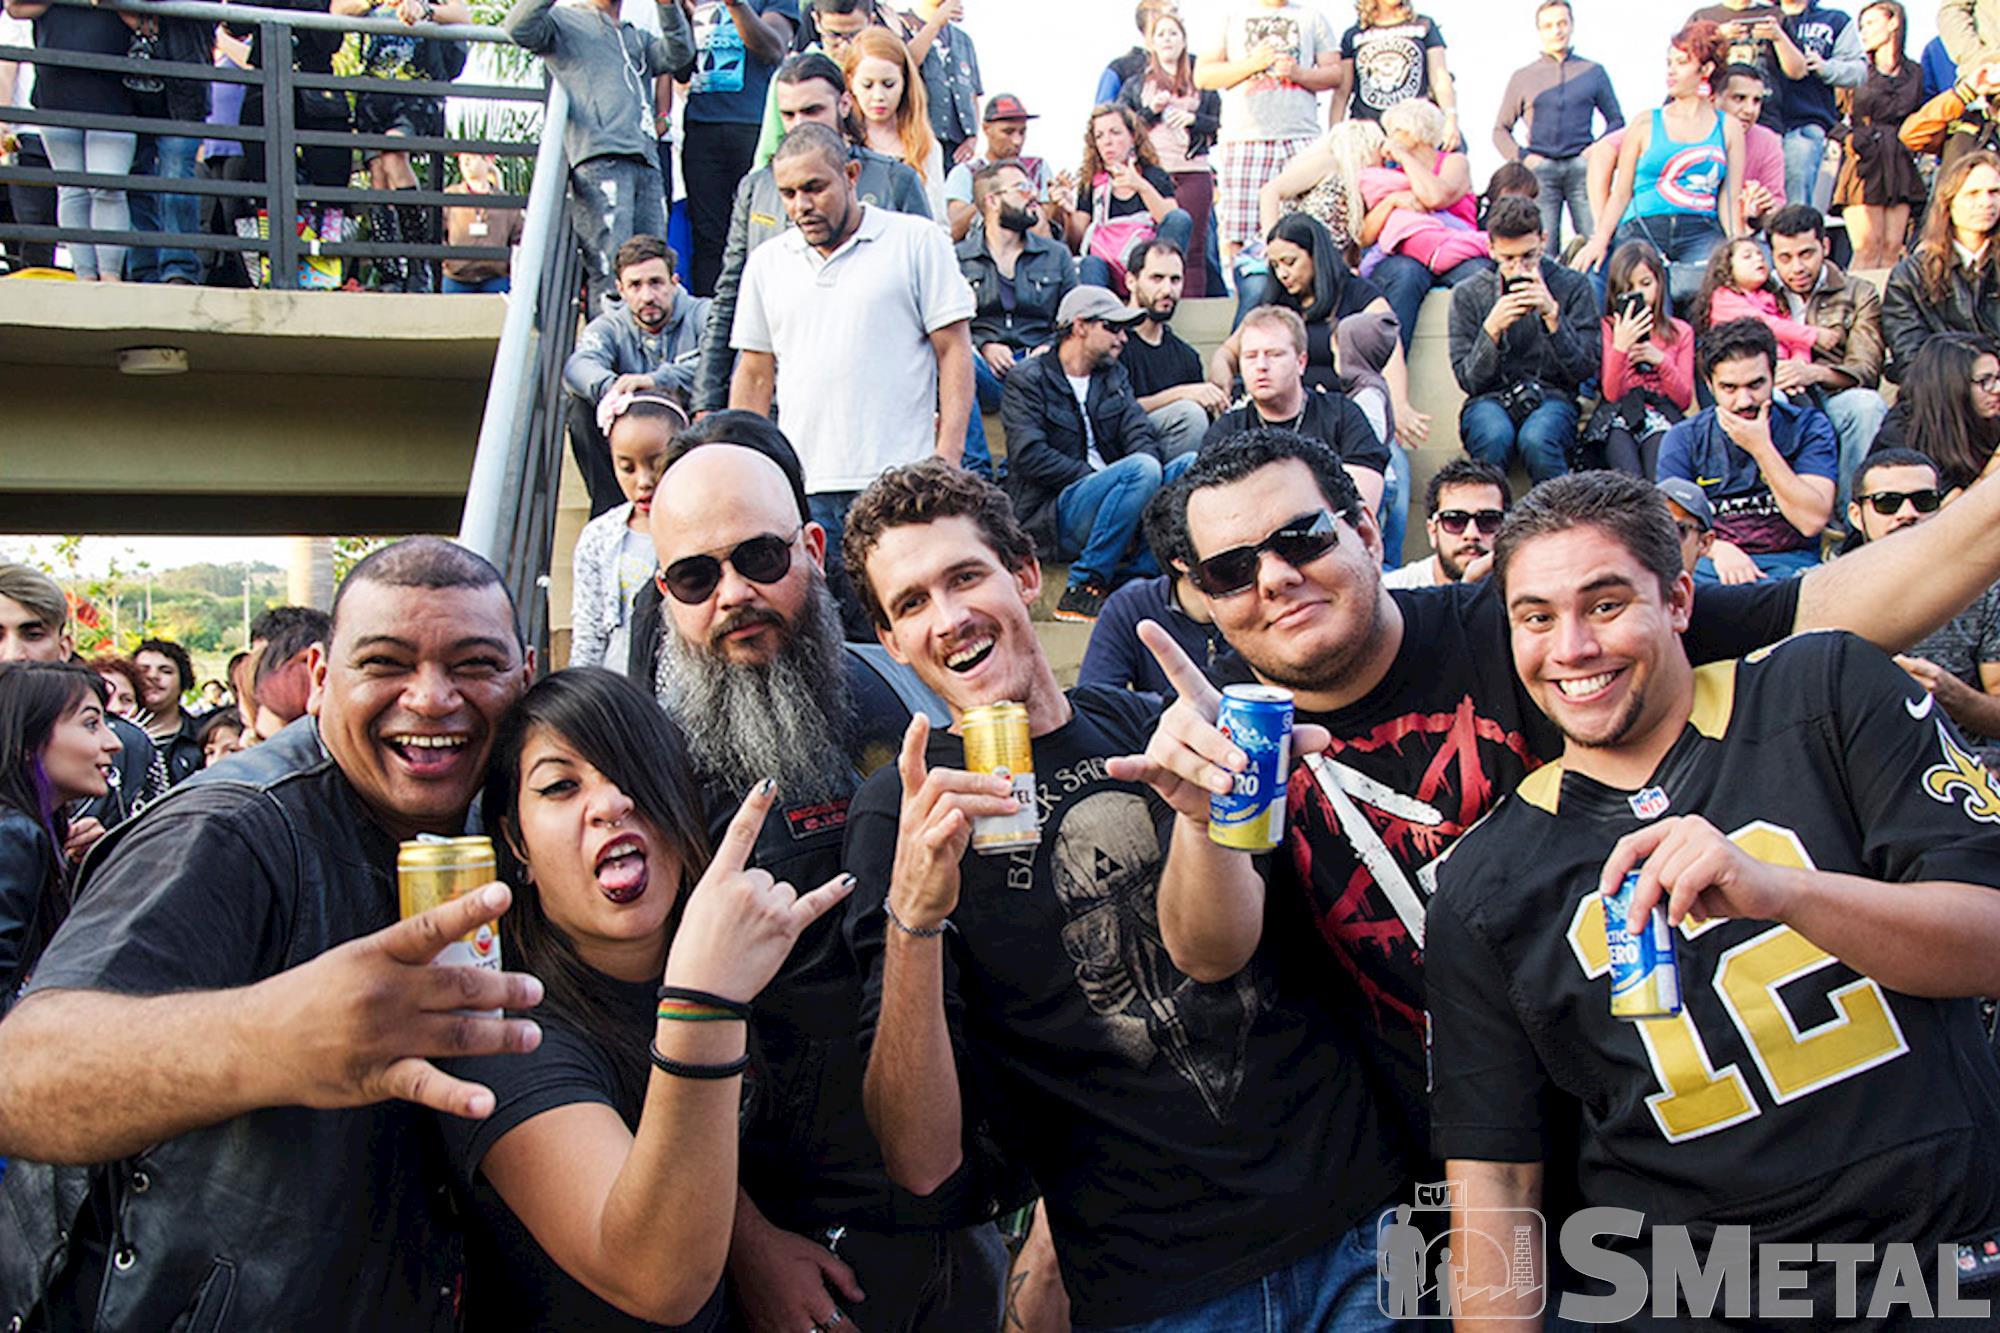 11ª edição Rock dos Metalúrgicos no Parque das Águas